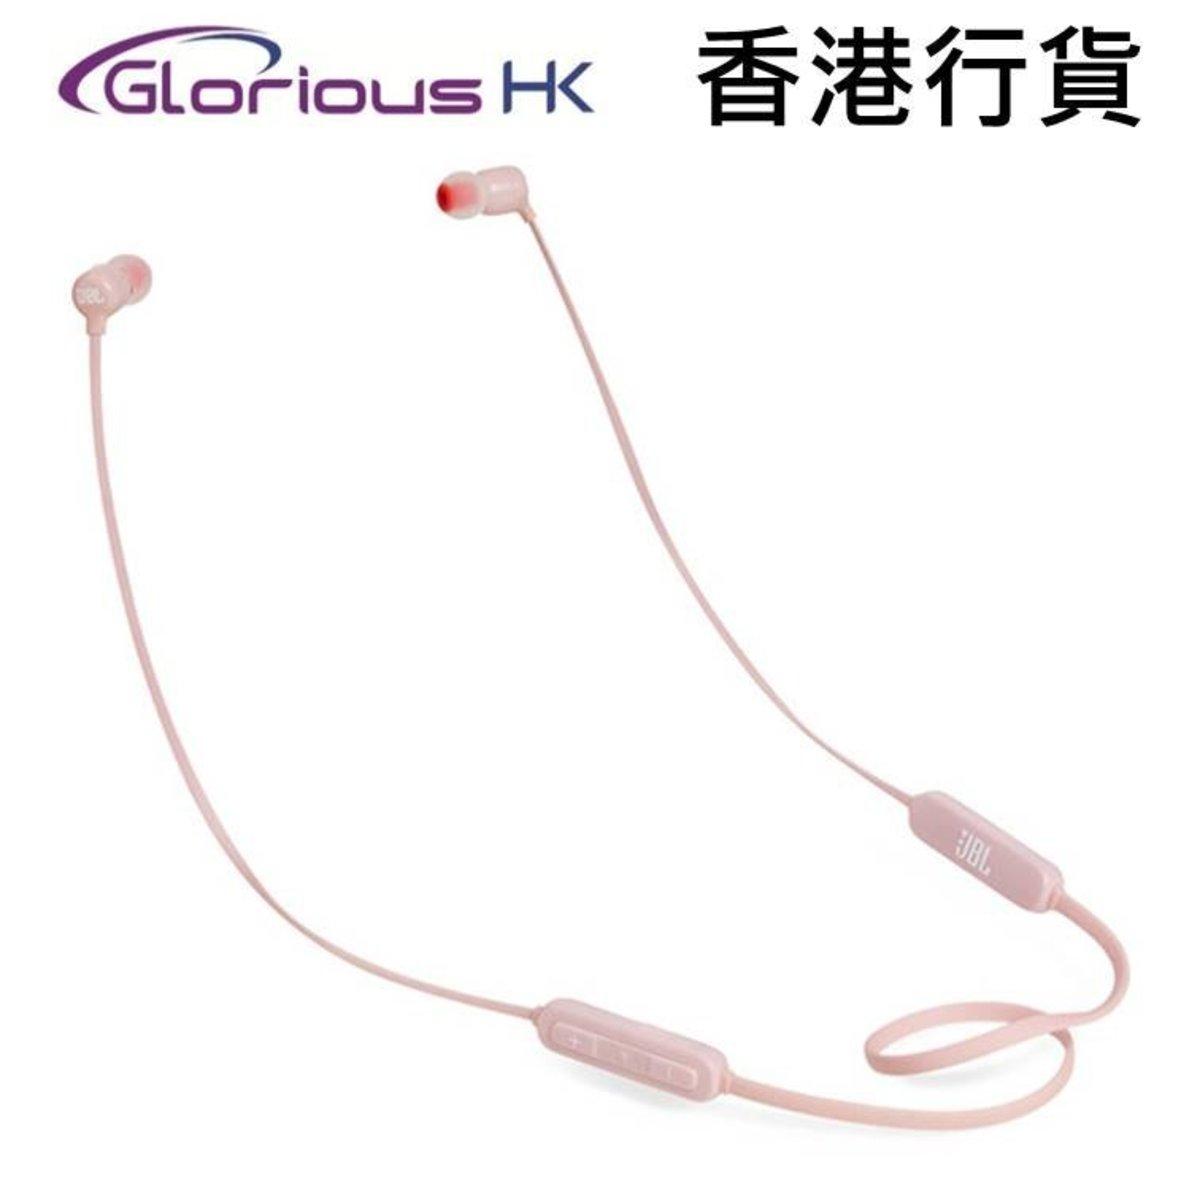 T110BT 無線入耳式耳機 粉紅色 香港行貨